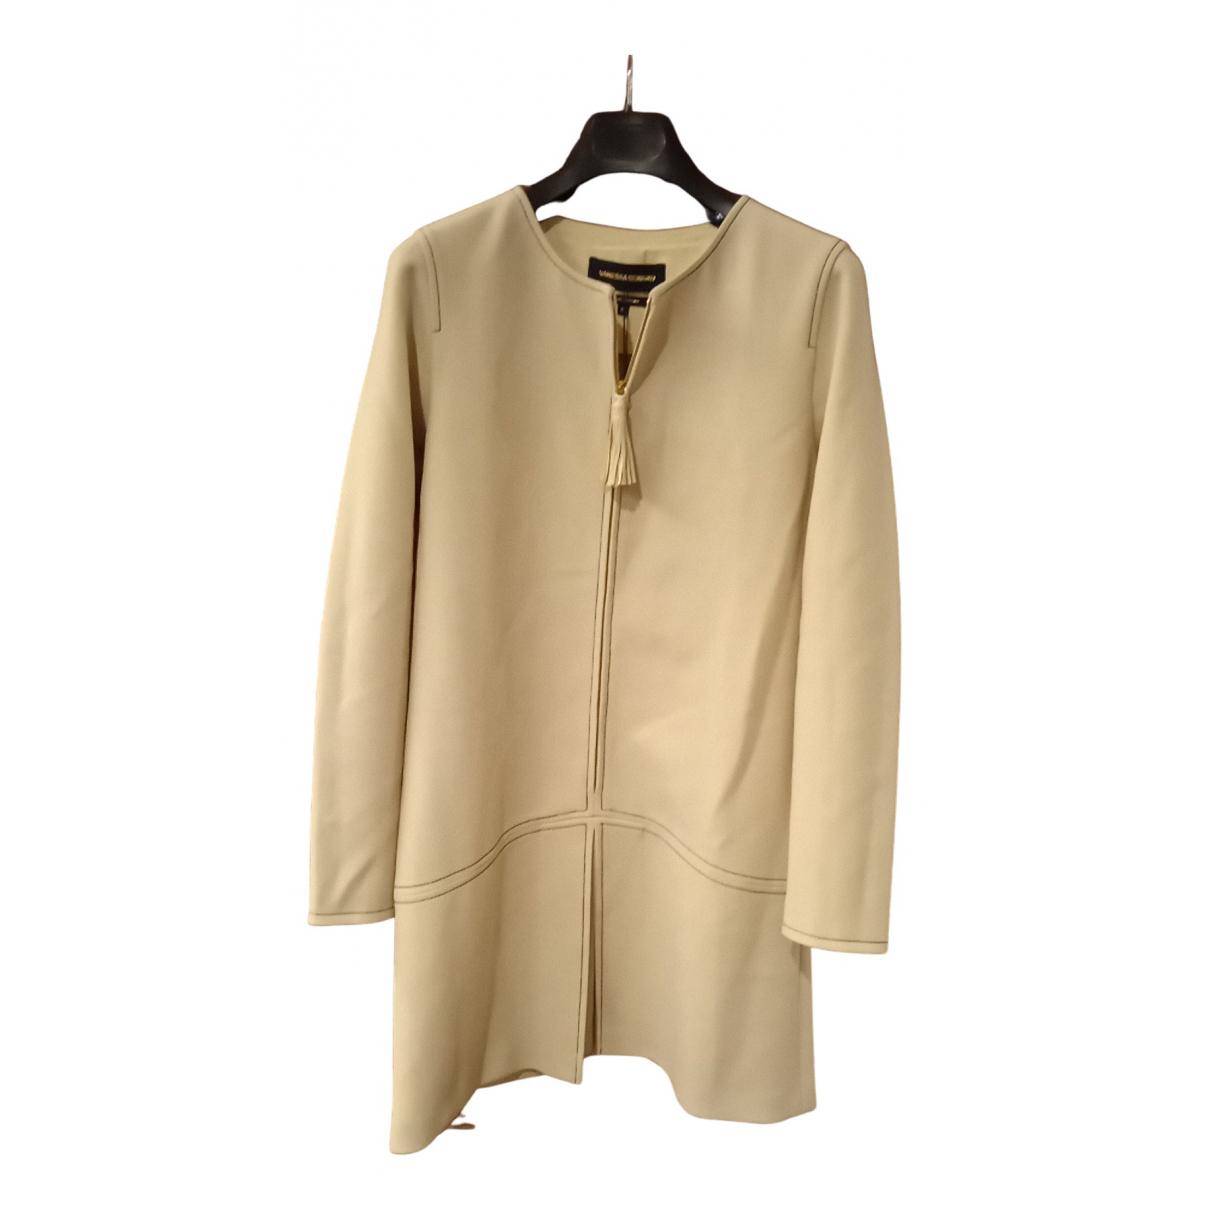 Vanessa Seward \N Kleid in  Beige Wolle